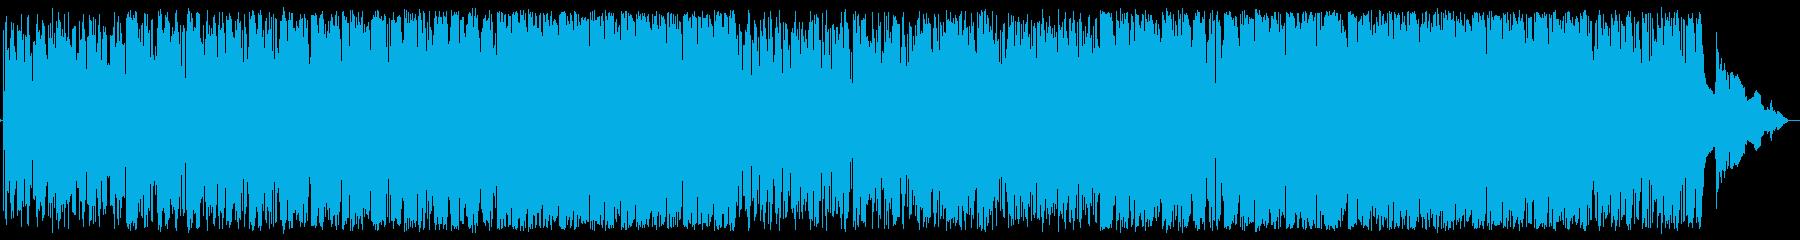 哀愁ピアノスムースジャズの再生済みの波形